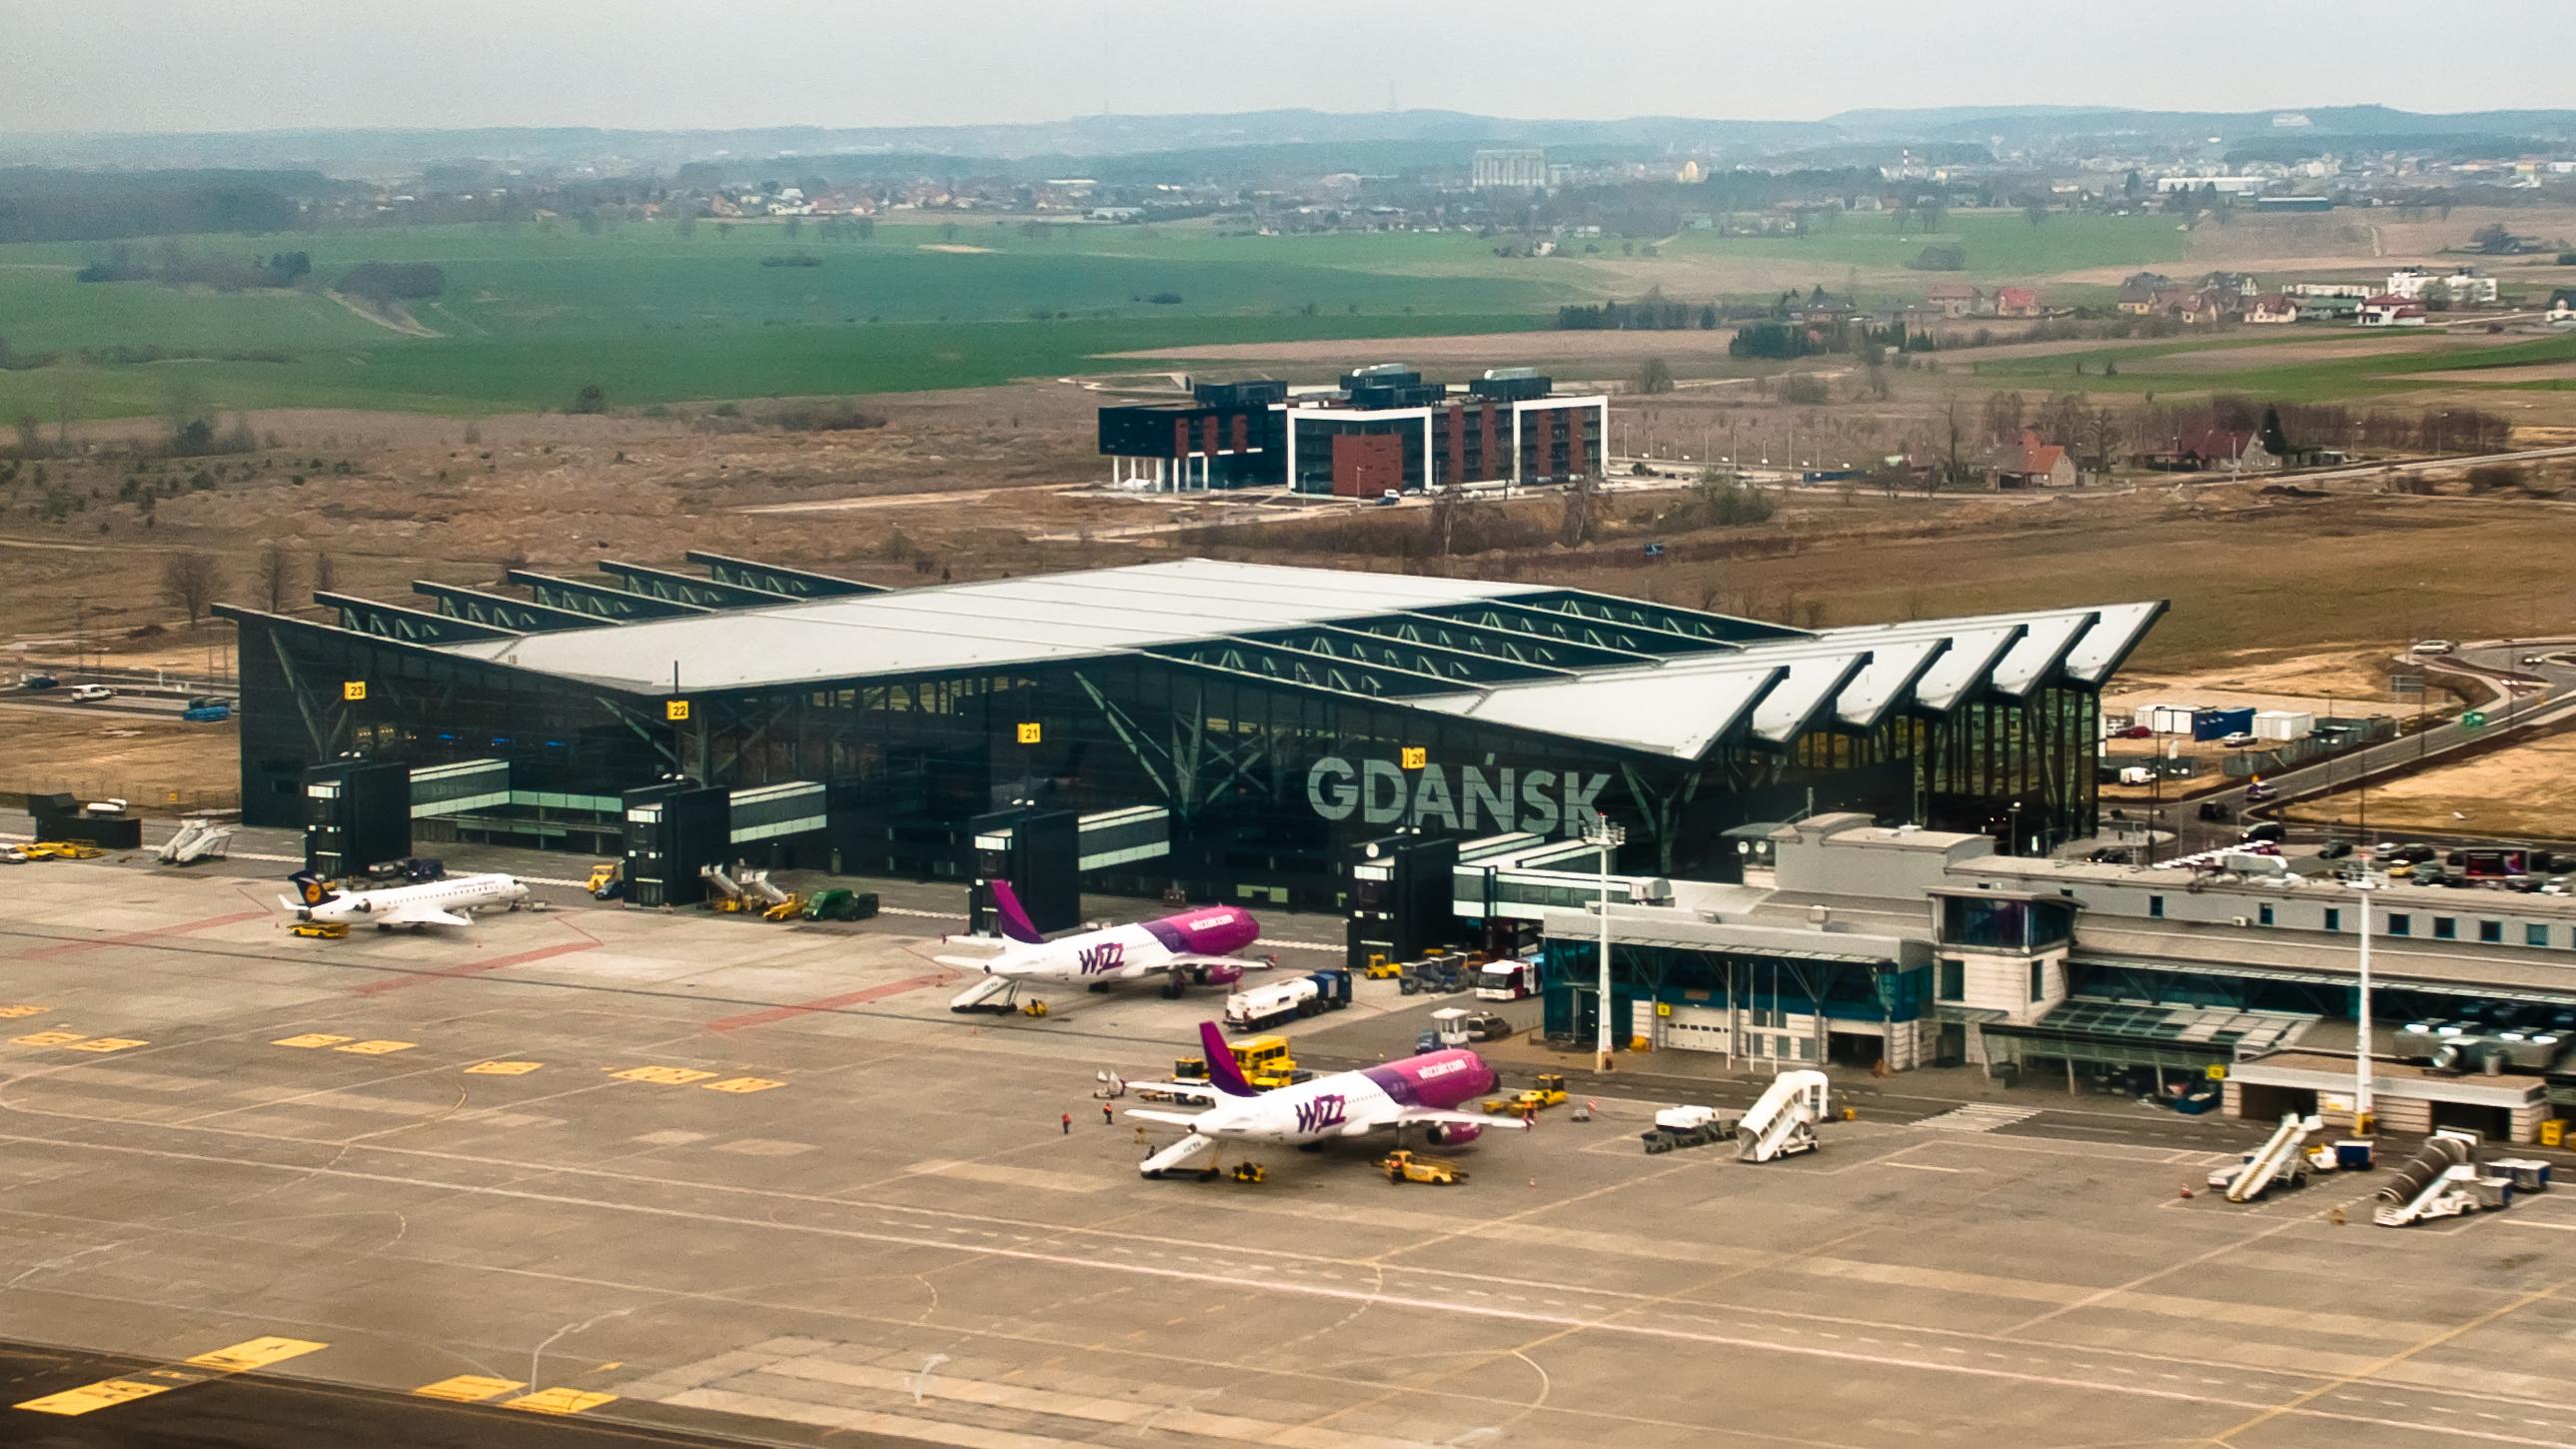 File:Port Lotniczy im Lecha Walesy Terminal 2.jpg - Wikimedia Commons